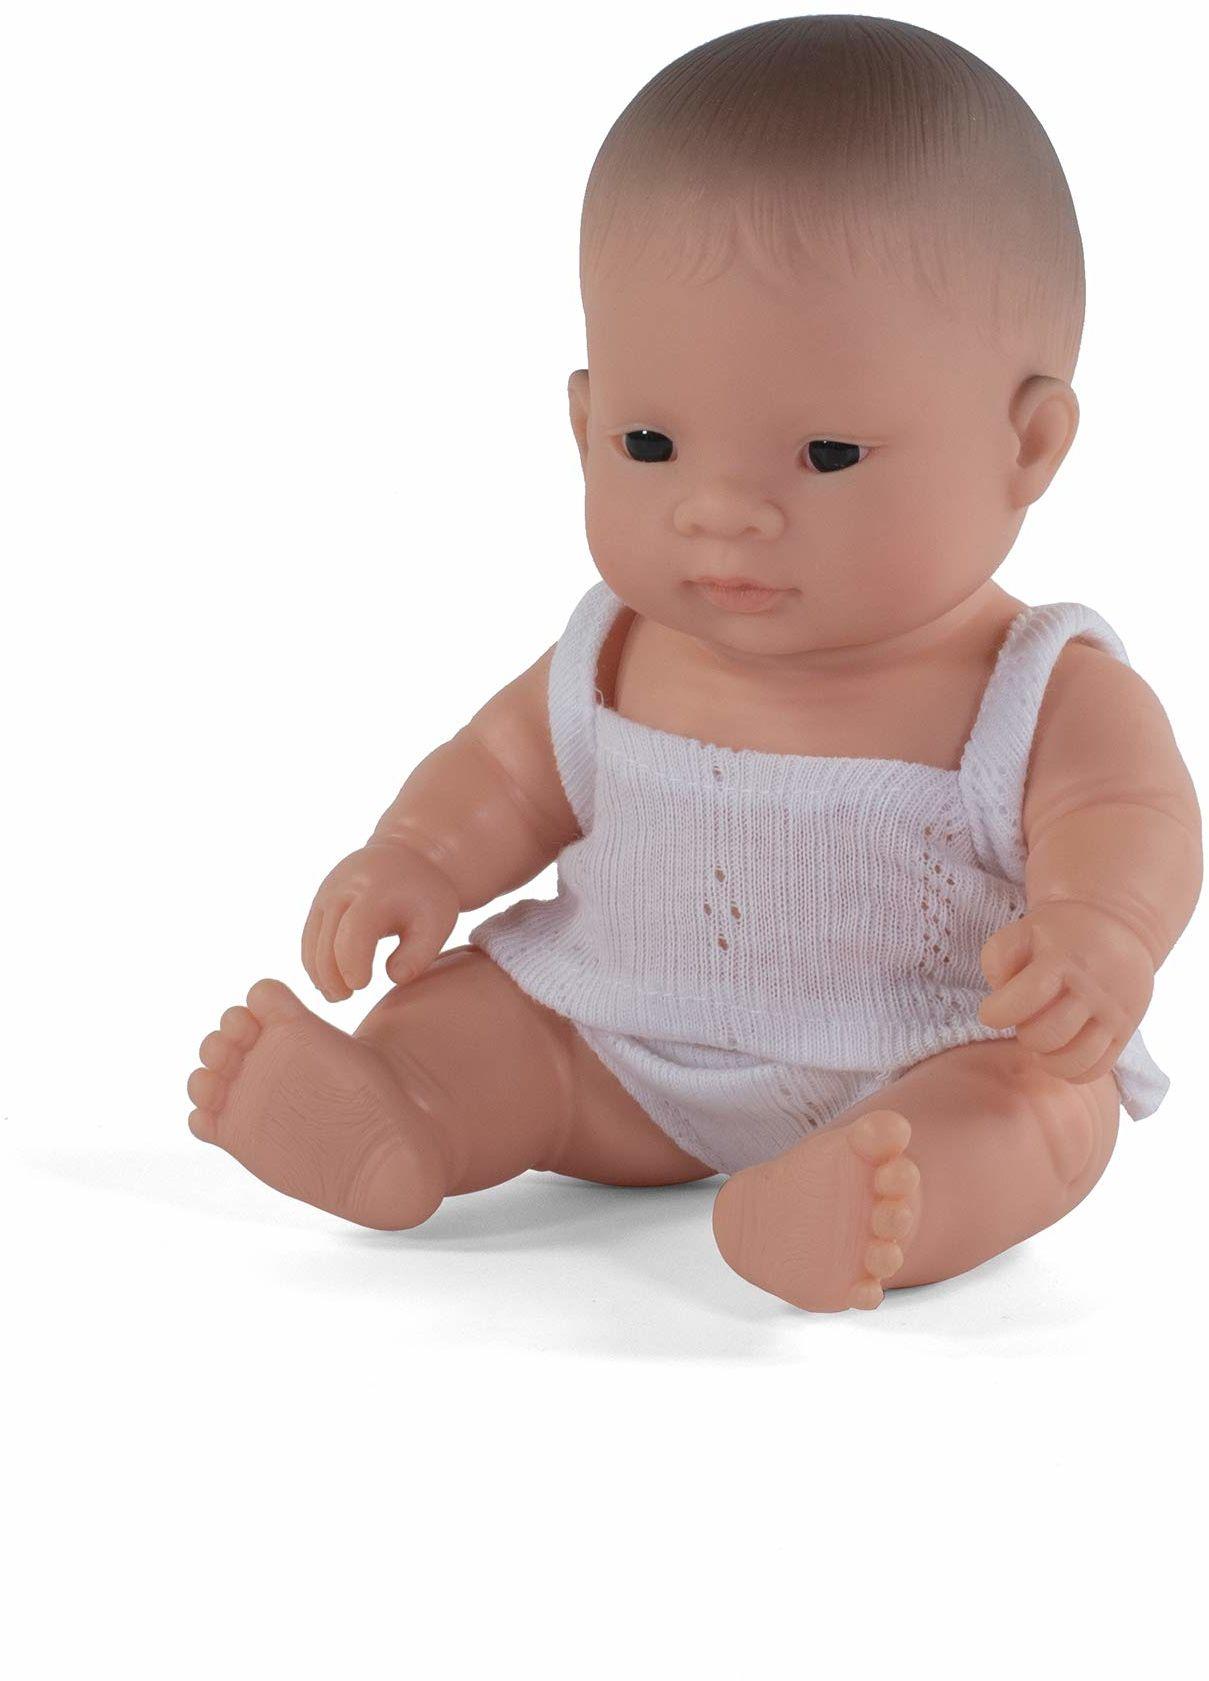 Miniland Miniland31126 lalka azjatycka dziewczynka 21 cm 31126, wielokolorowa